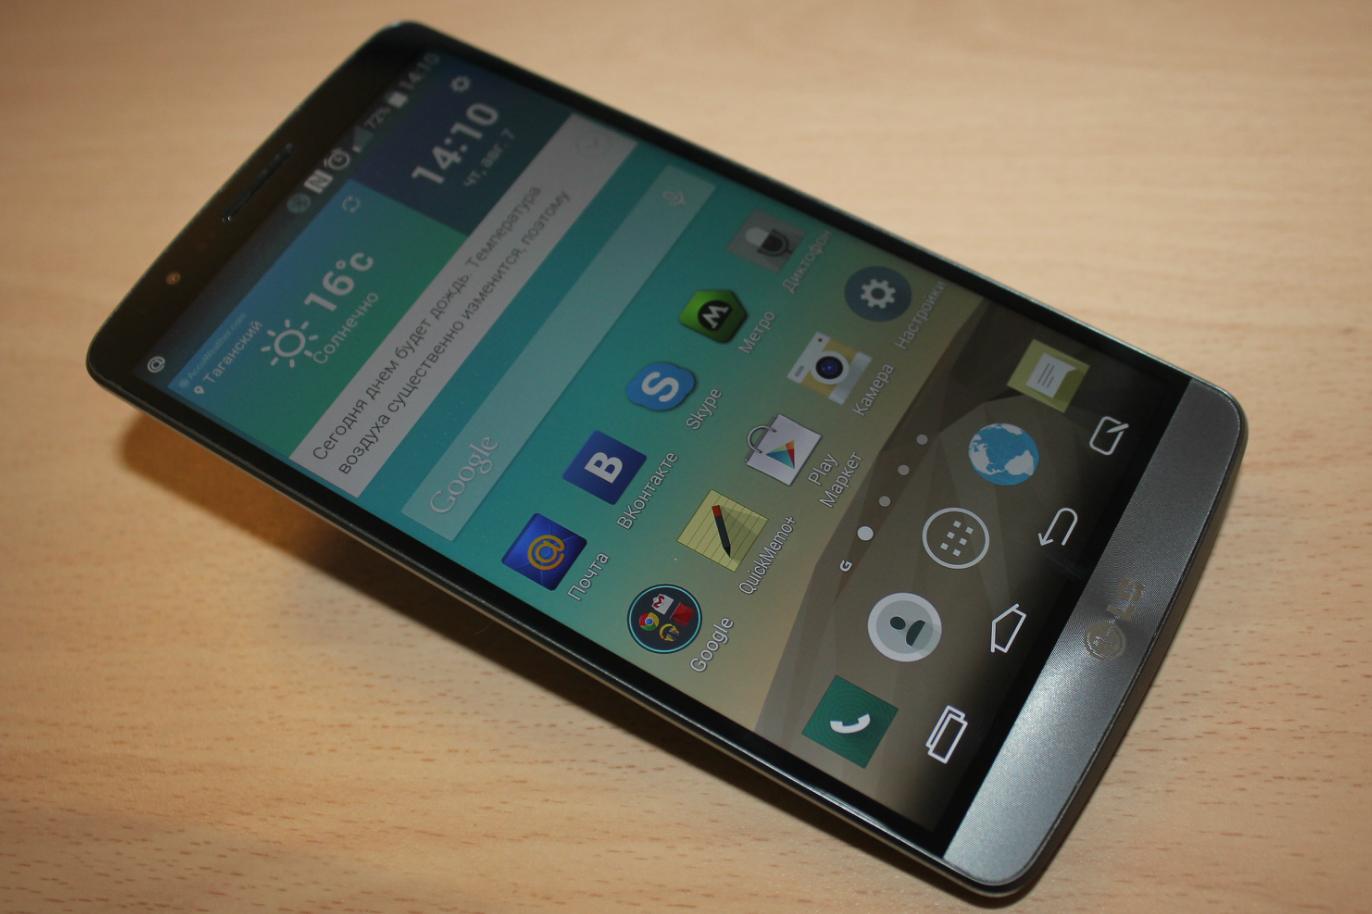 Сверхчеткий 5,5-дюймовый 2K-экран занимает 76% лицевой поверхности